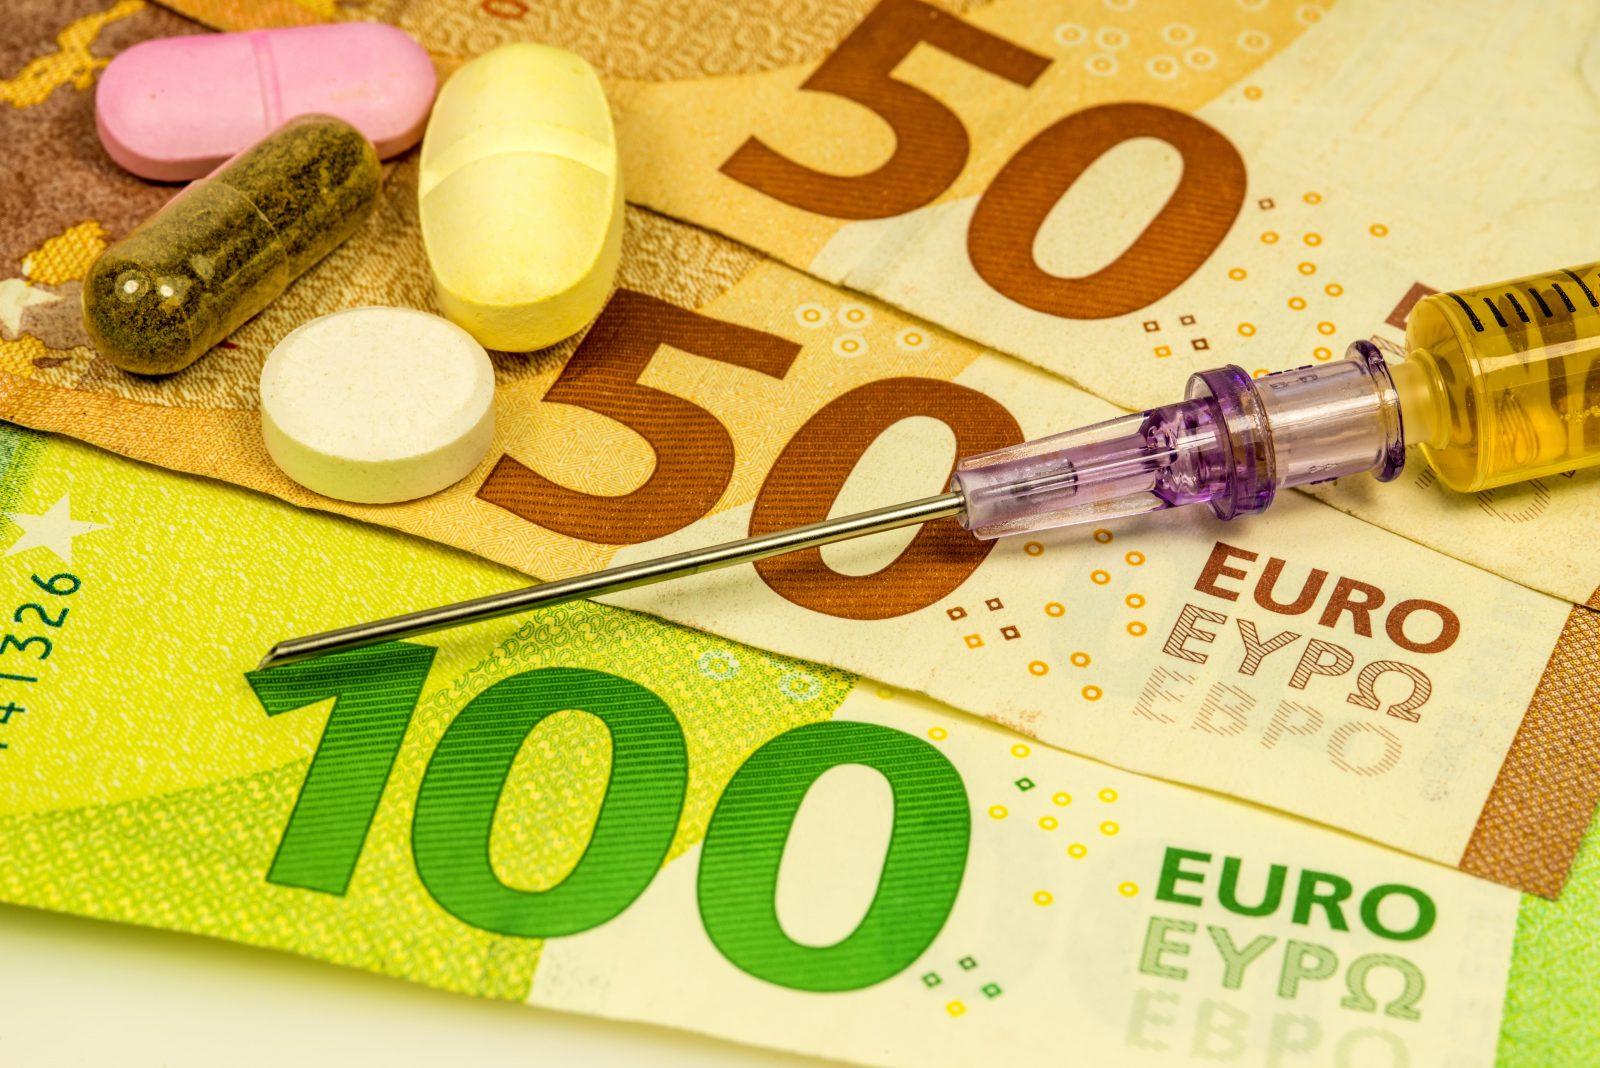 Die Zusatzbeiträge zur Krankenversicherung sollen wegen der Corona-Krise steigen (Symbolbild) Foto: picture alliance/chromorange